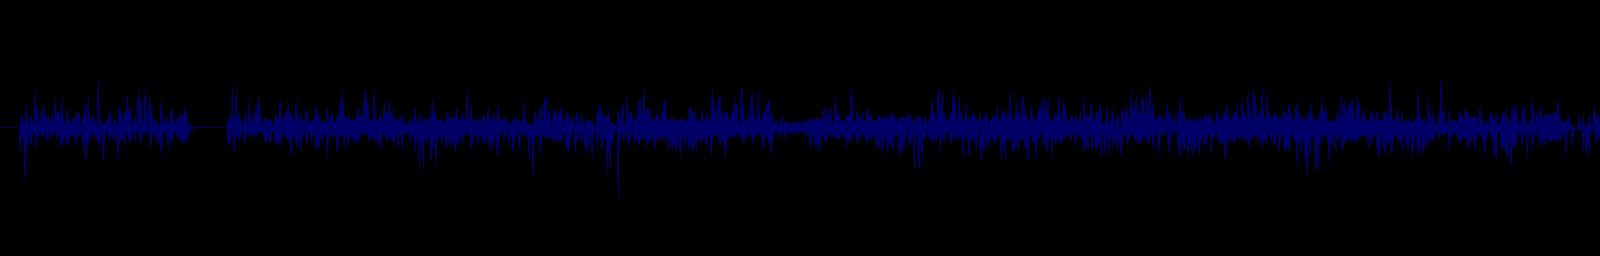 waveform of track #129354